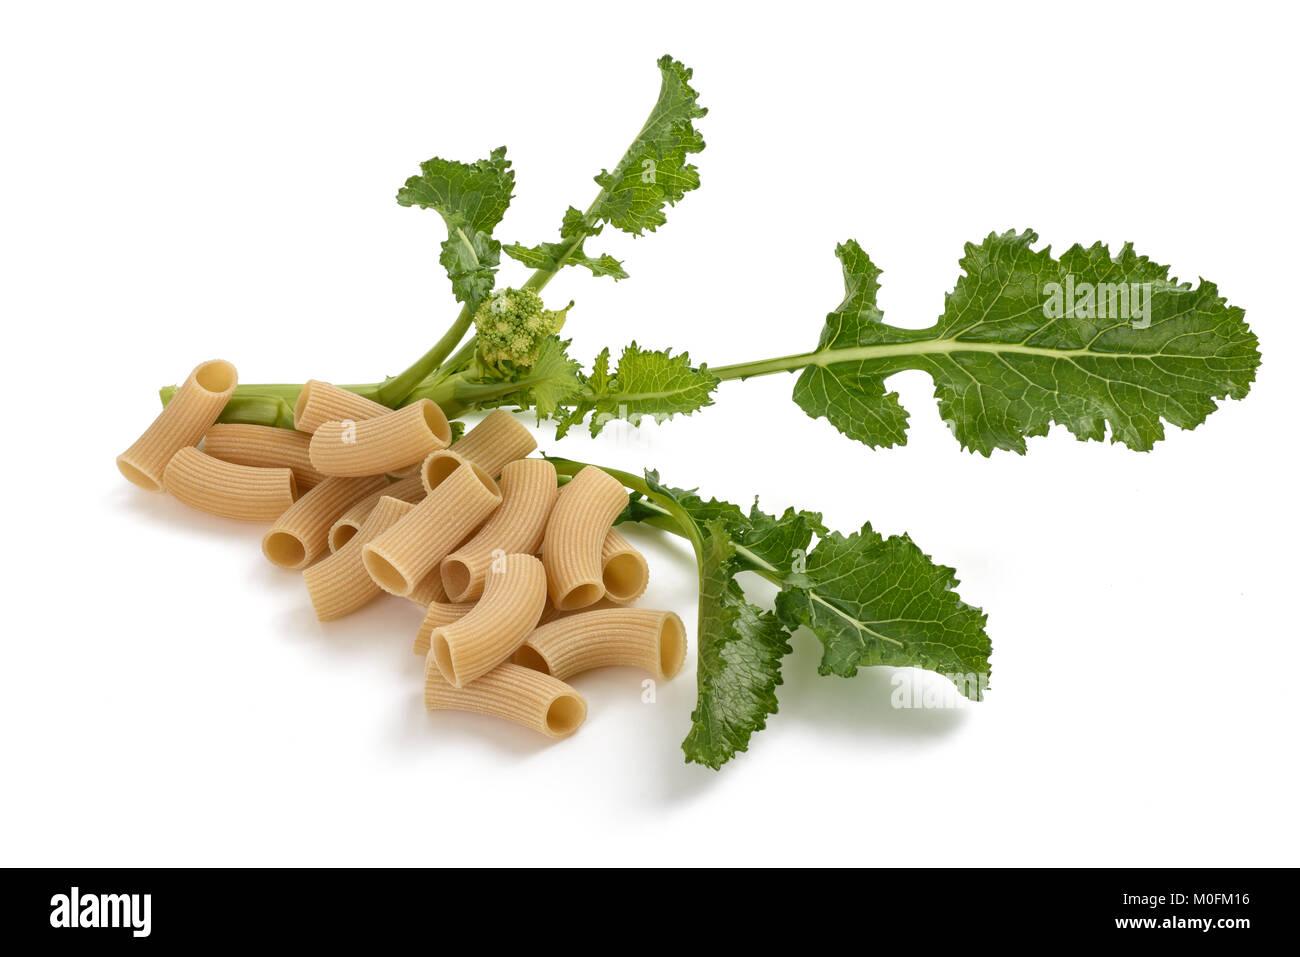 Los nabos con pasta fresca aislado sobre fondo blanco. Imagen De Stock